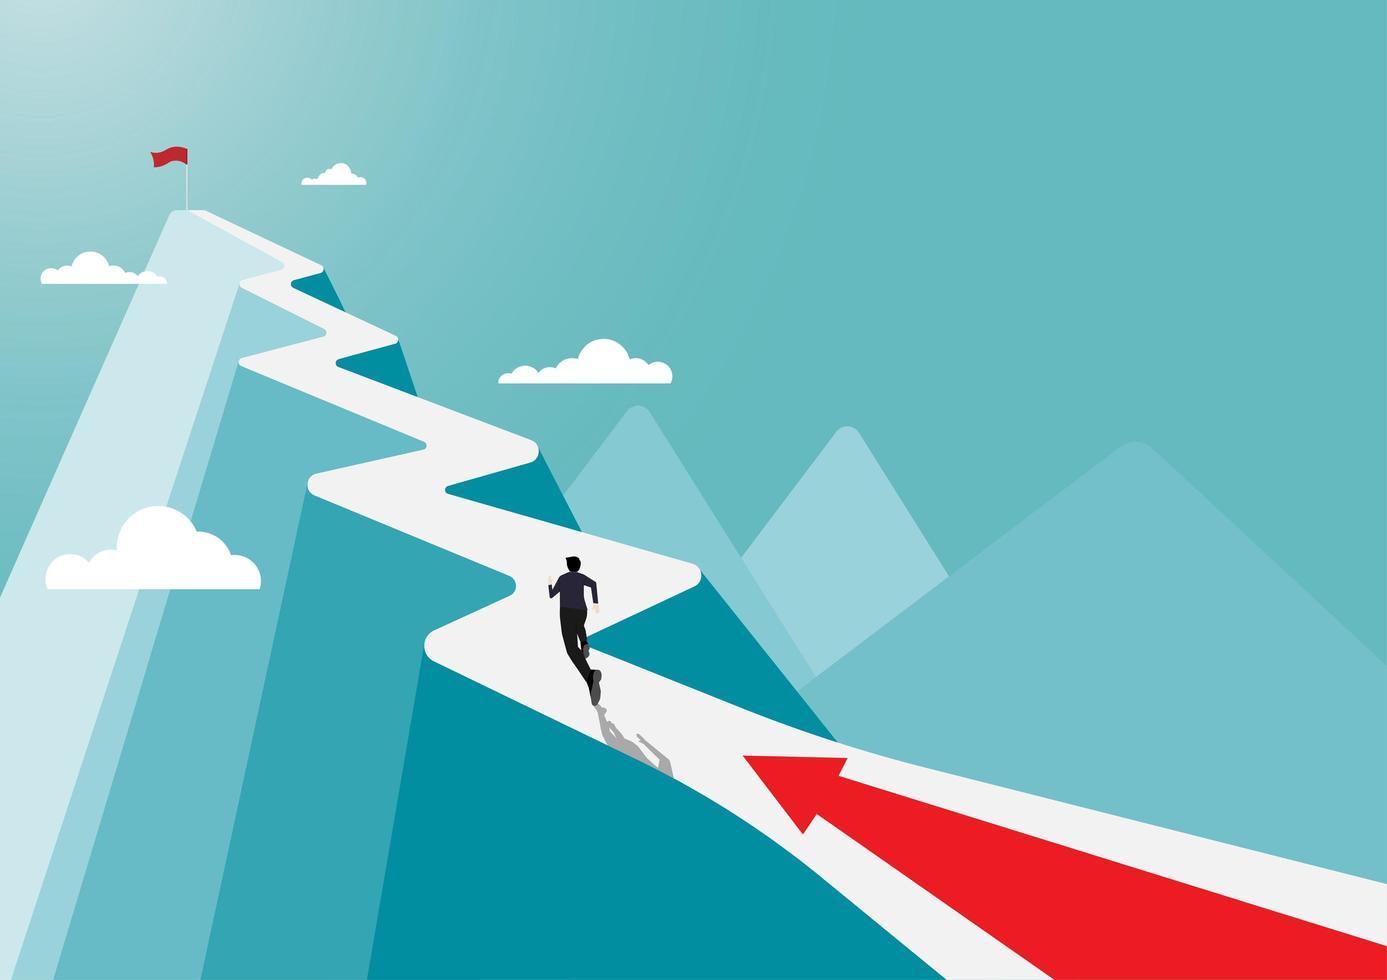 بازار اول فرابورس چیست و سهام چه شرکت هایی در آن معامله می شود؟